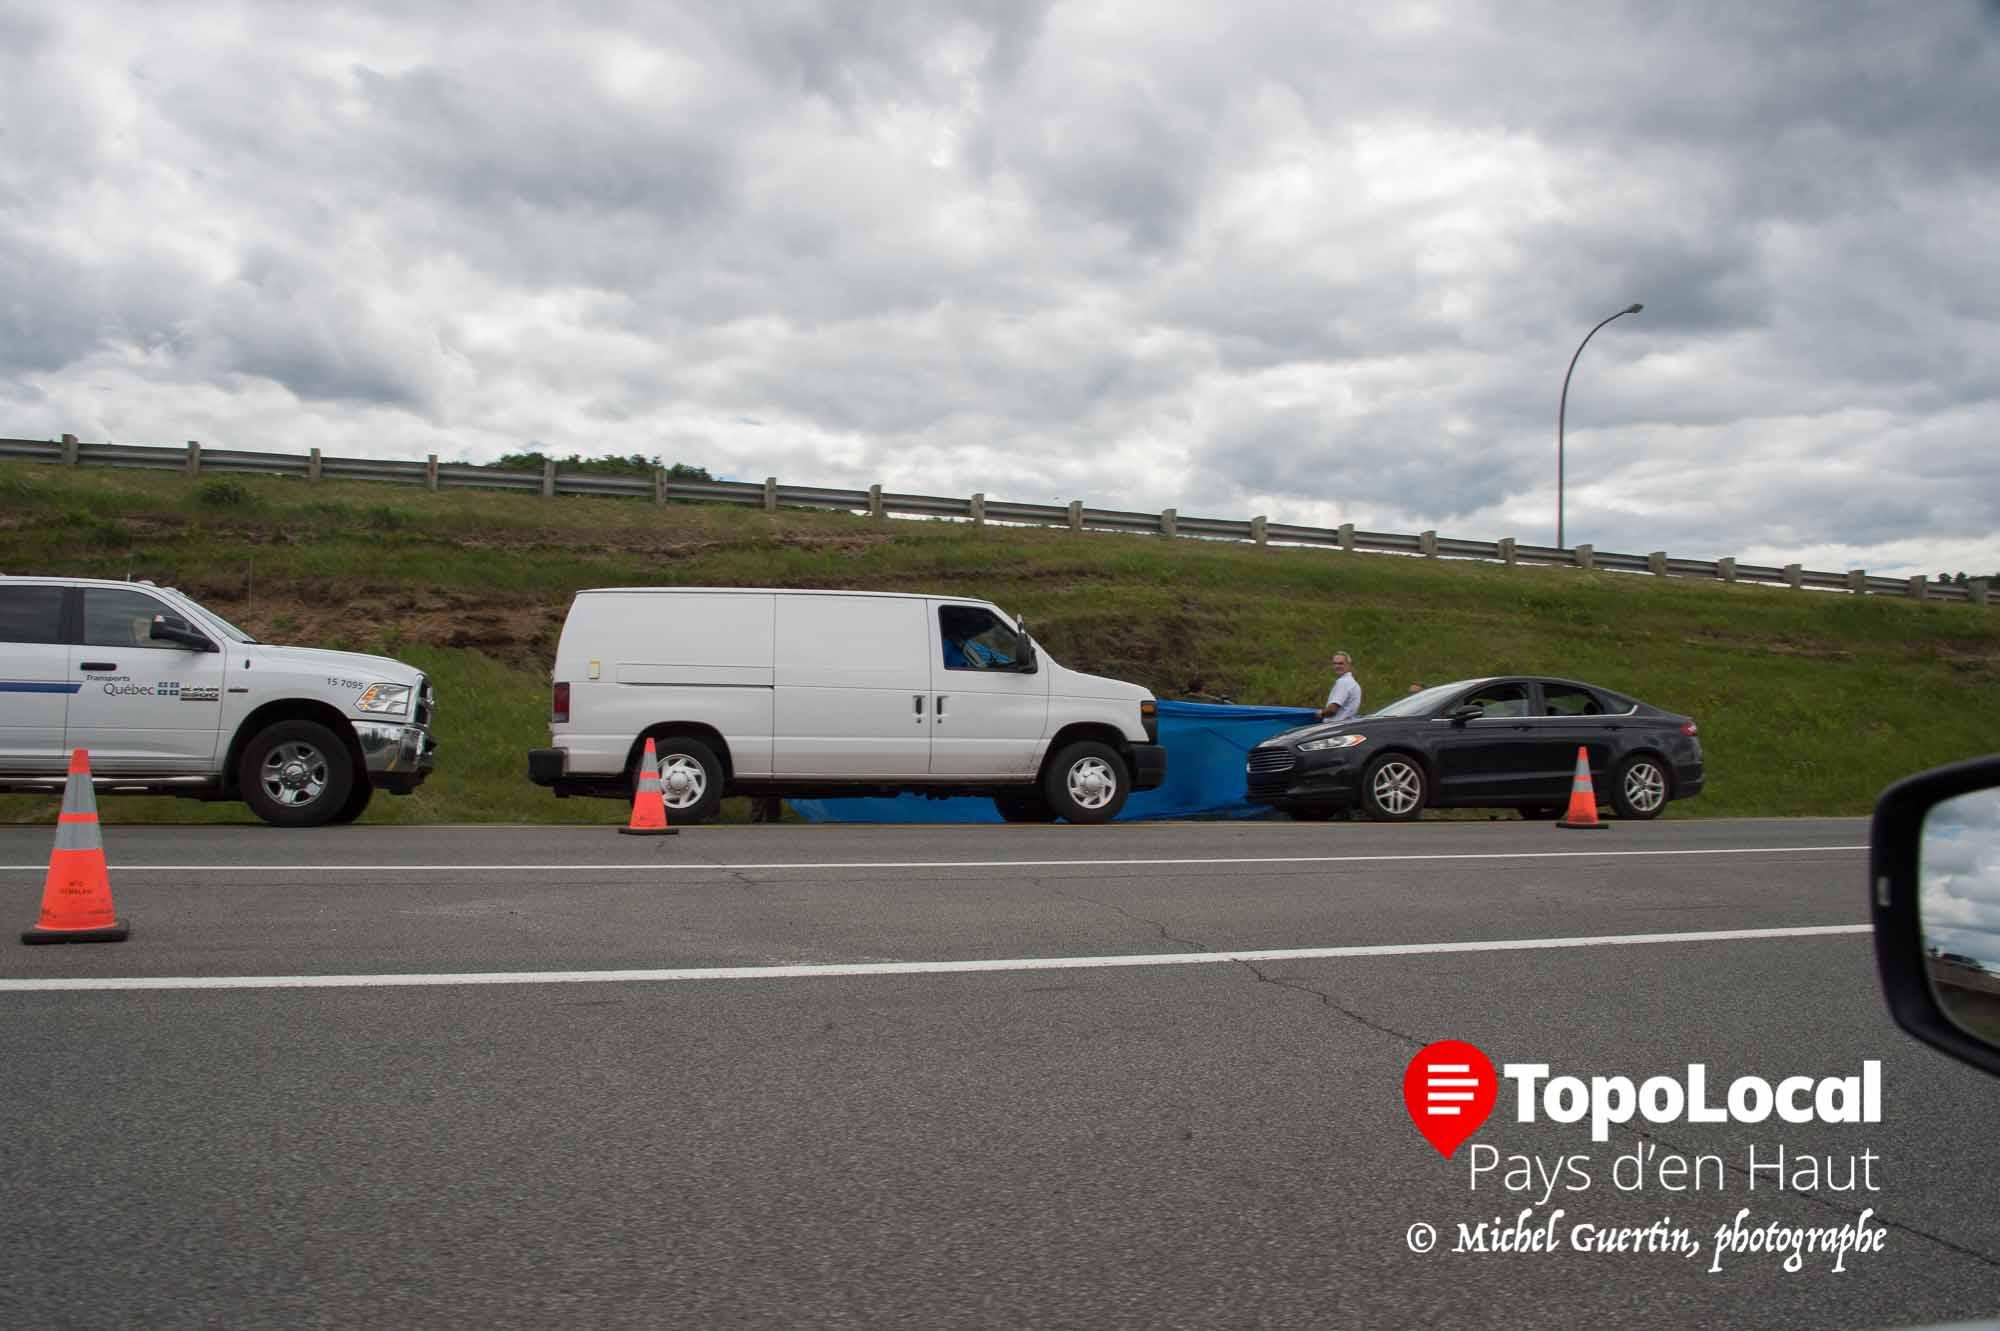 20160623-sainte-agathe-accident-autoroute-morts-incendie-2